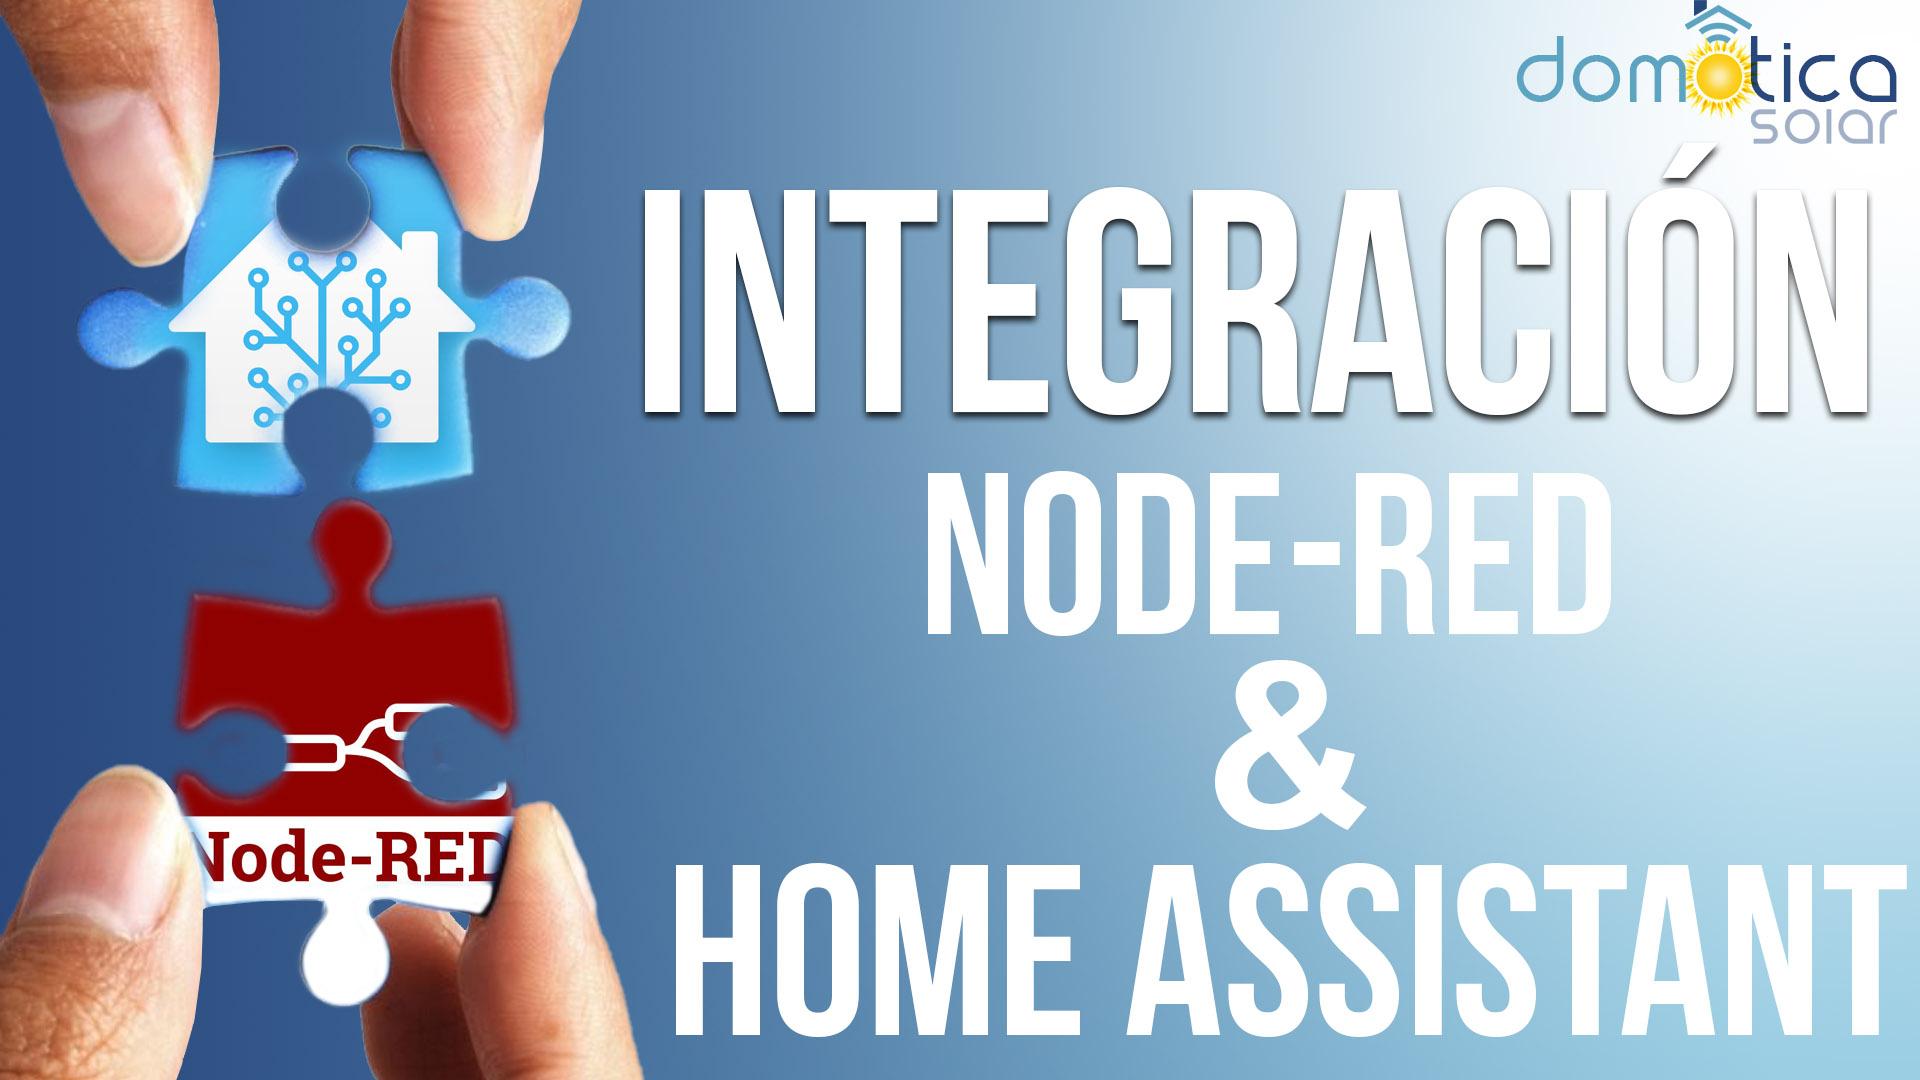 Domótica Solar - Integracion NodeRed Home Assistant